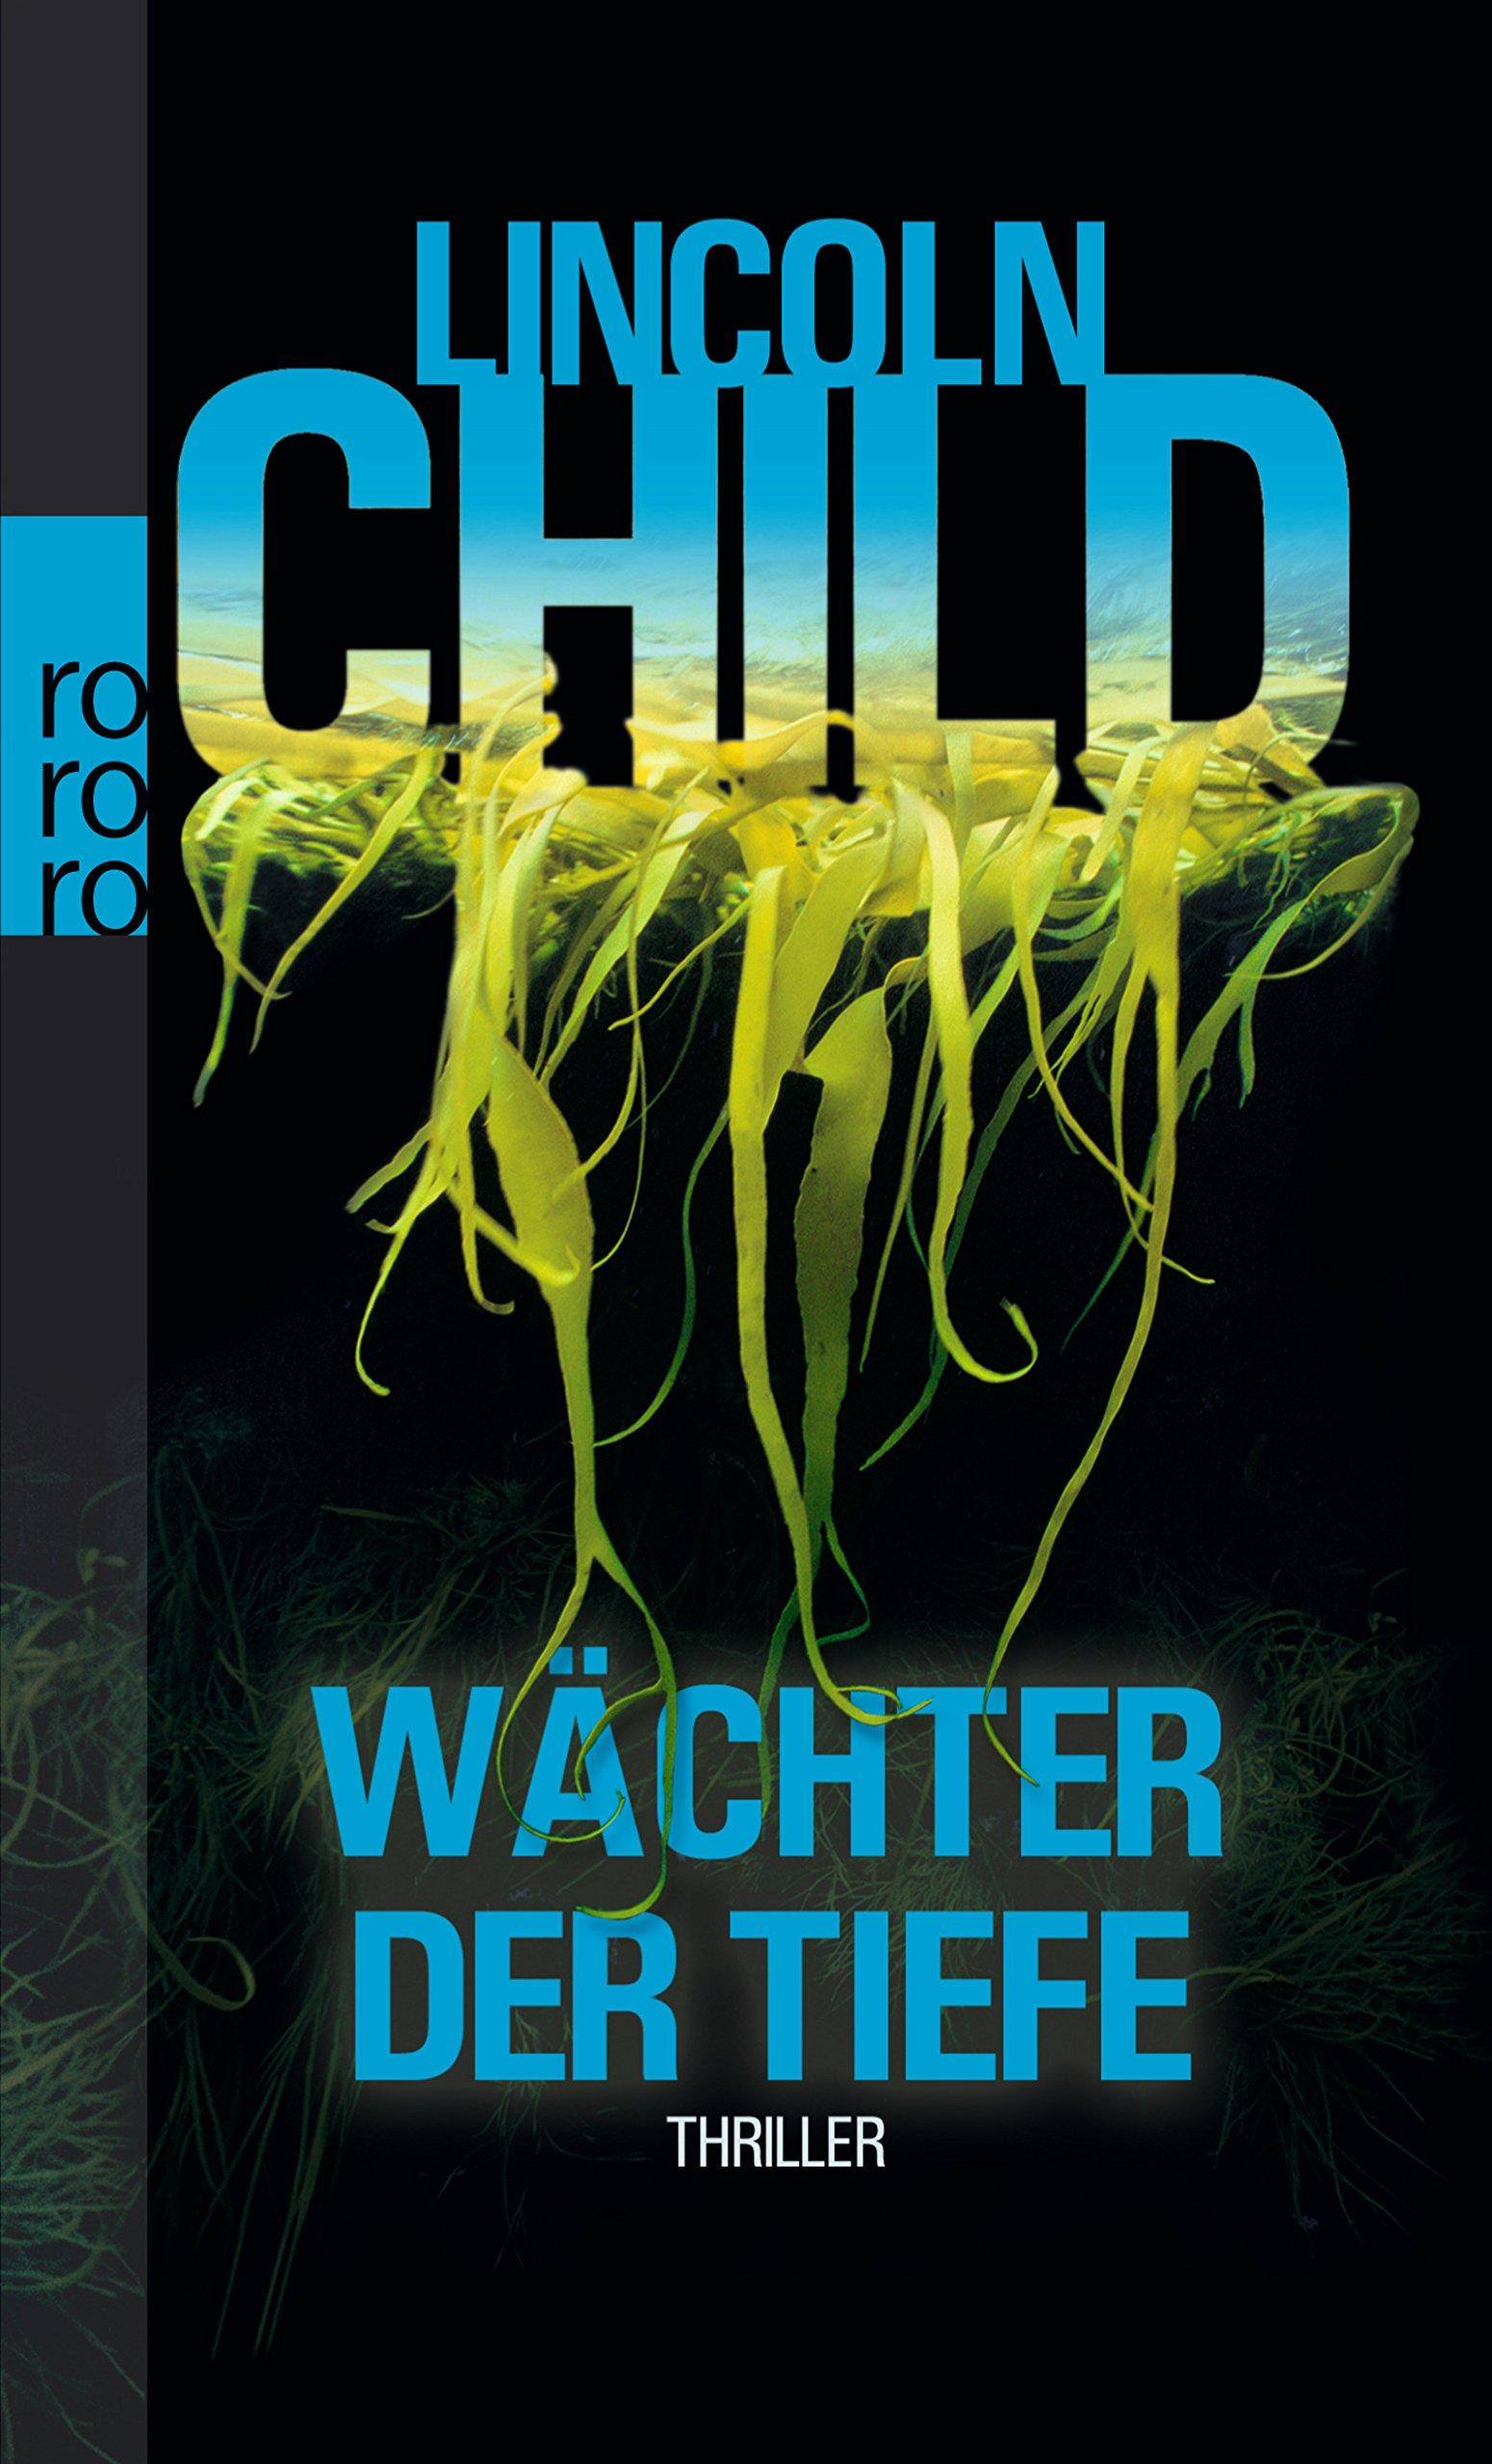 Wächter der Tiefe Taschenbuch – 1. Februar 2010 Lincoln Child Axel Merz Wächter der Tiefe Rowohlt Taschenbuch